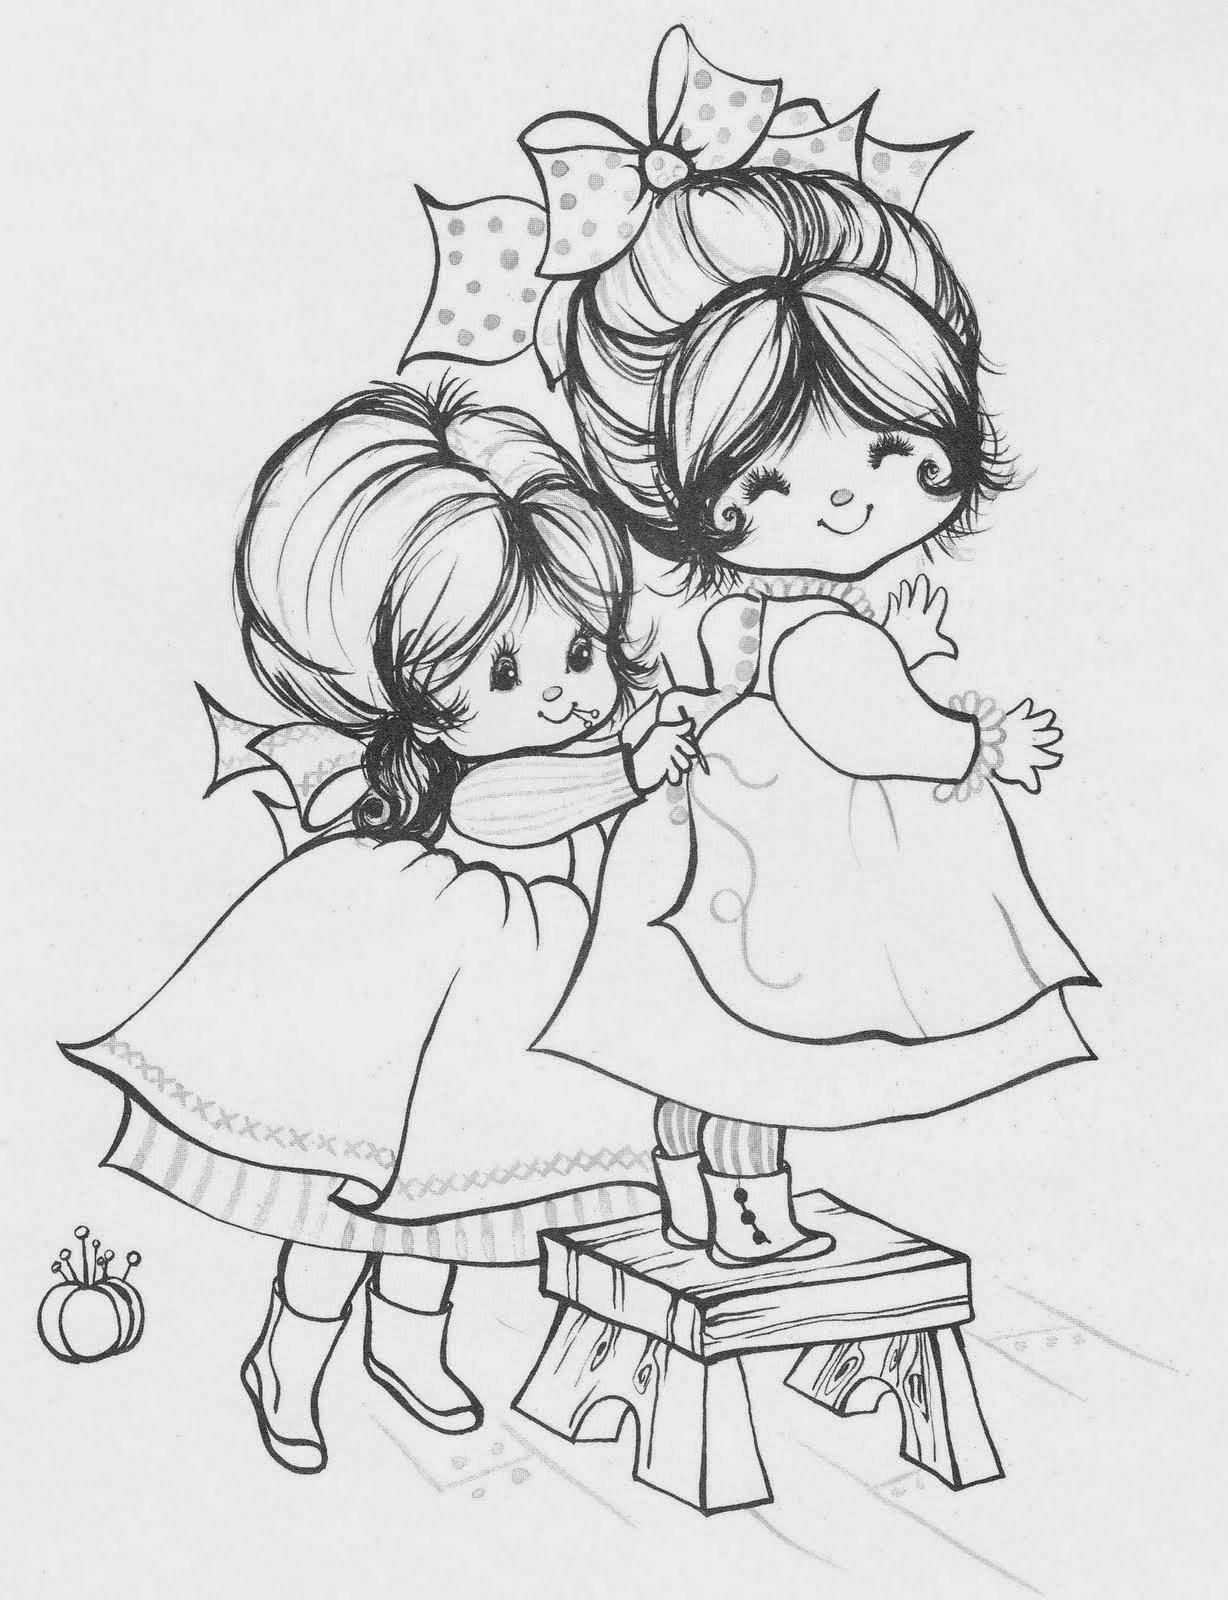 50 desenhos de crianças para colorir, pintar, preparar